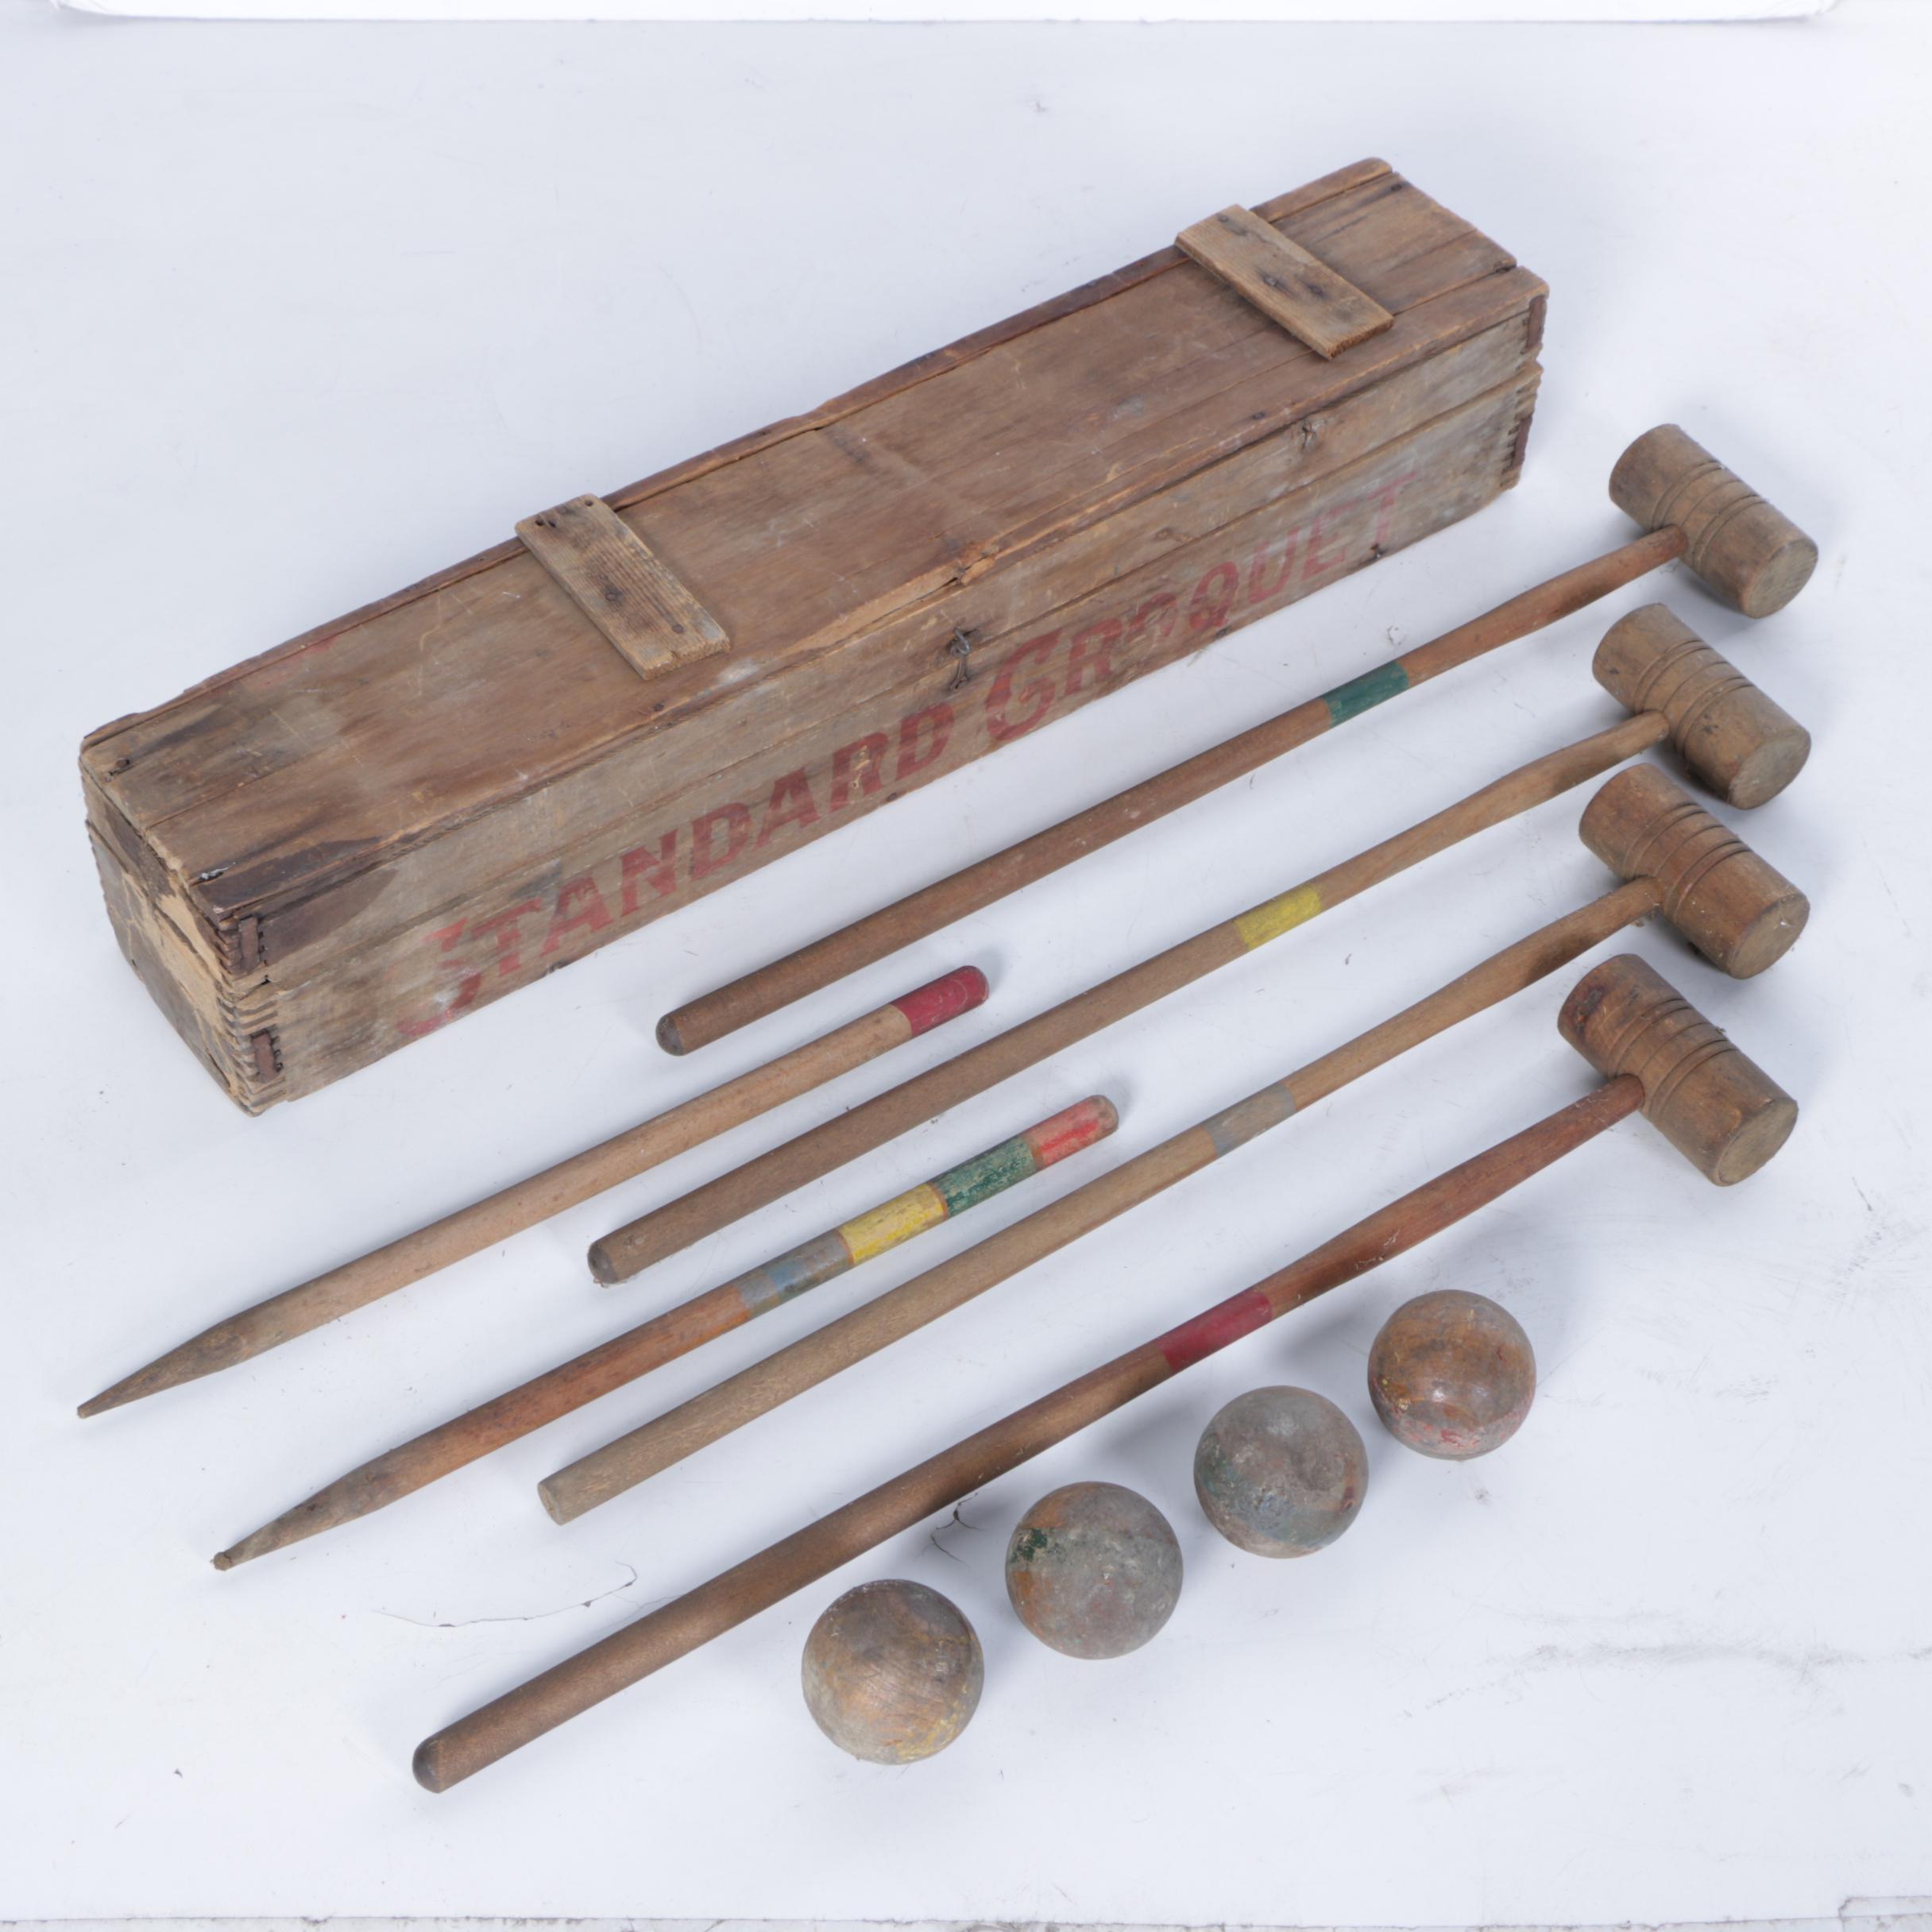 1920s Standard Brand Wooden Croquet Set